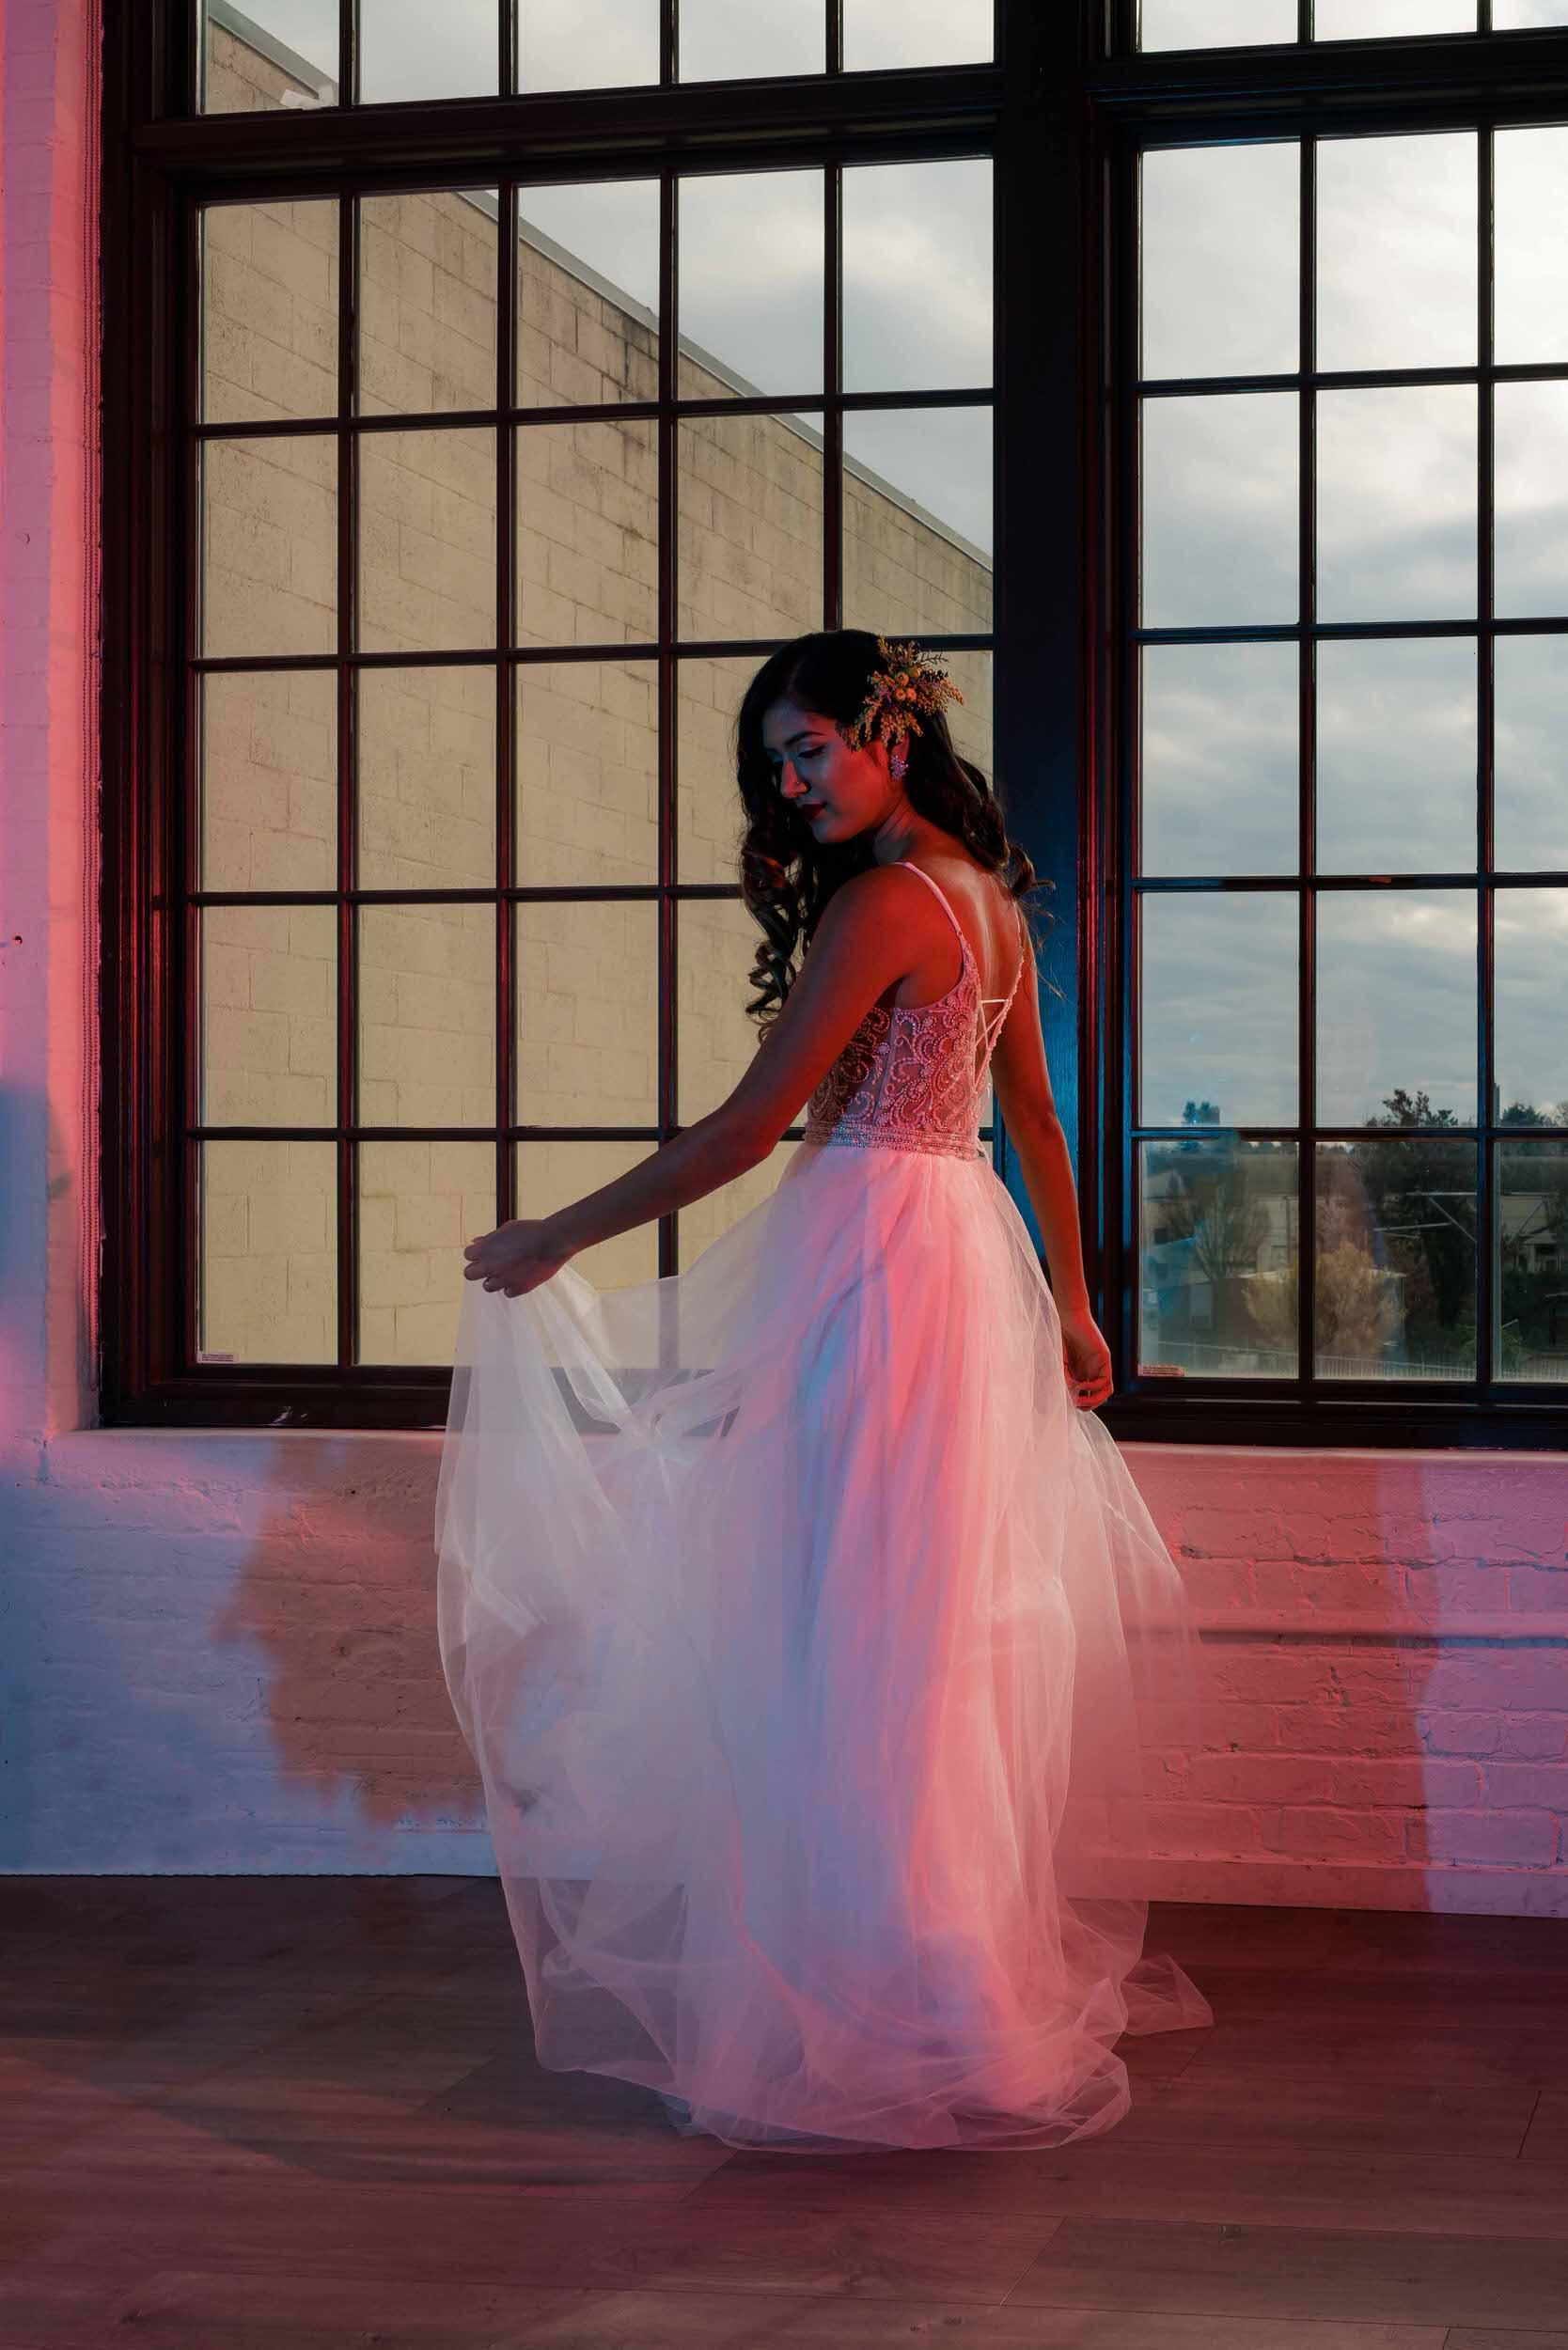 oregon-wedding-photography-1.jpg